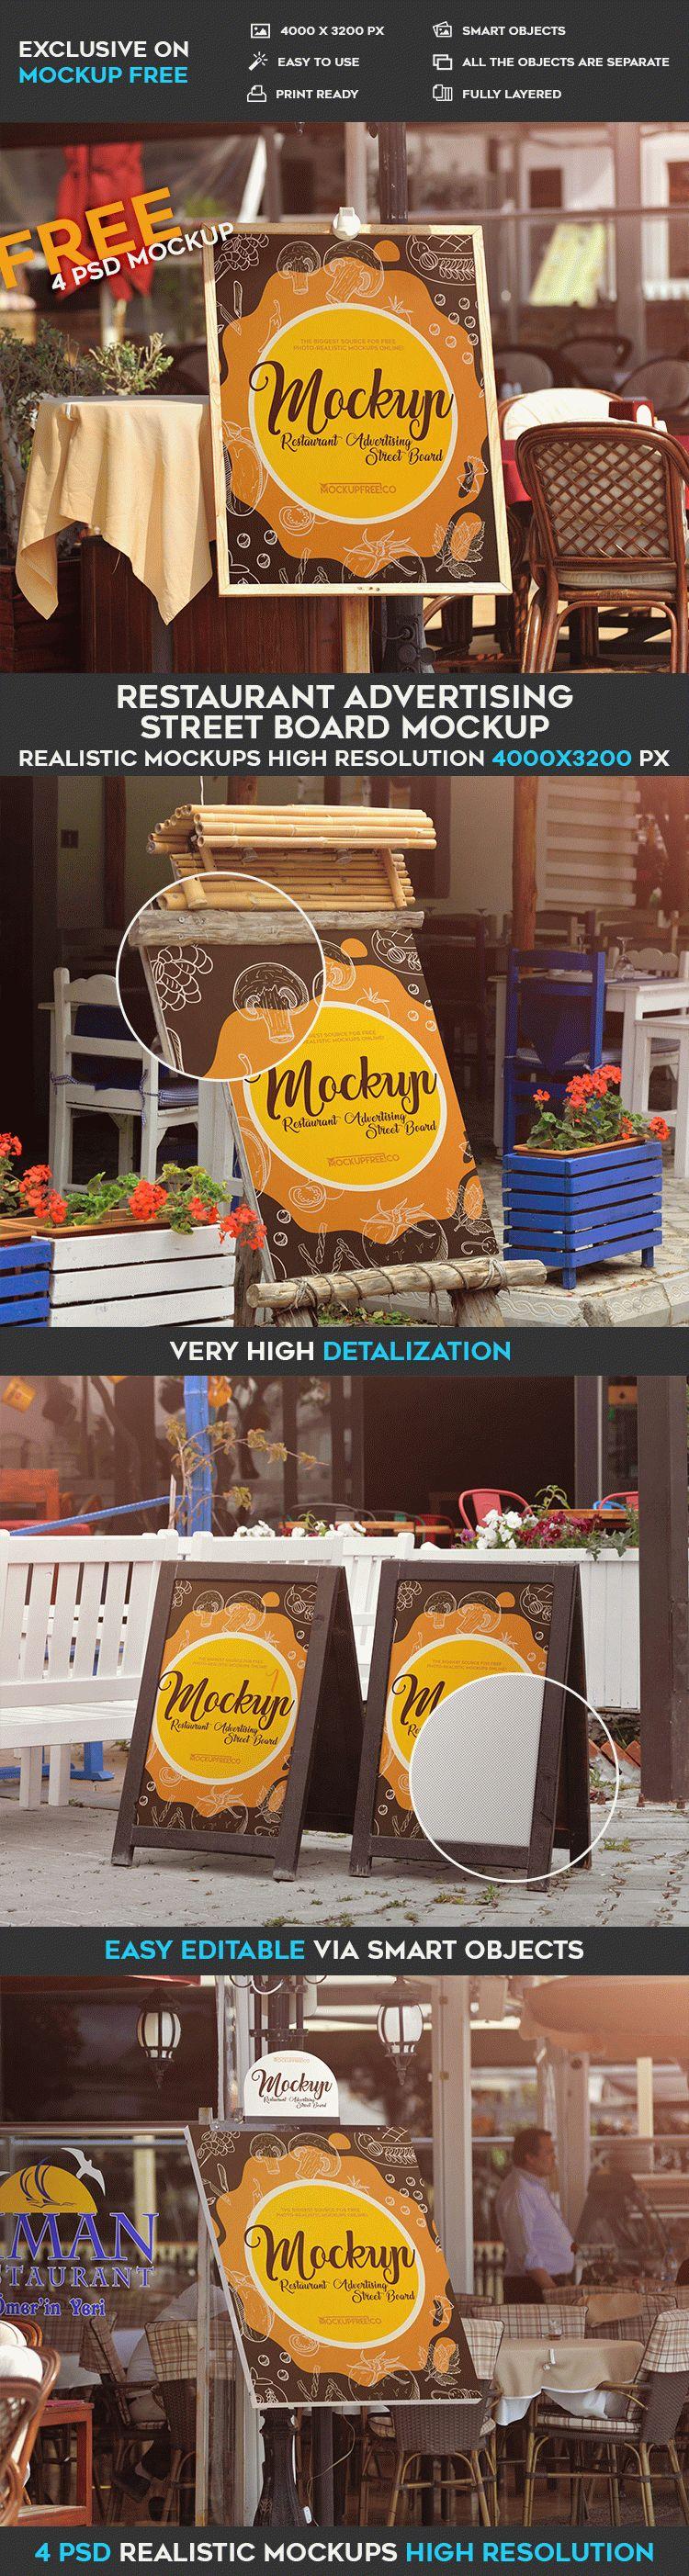 Restaurant Advertising Street Board Free PSD MockUps